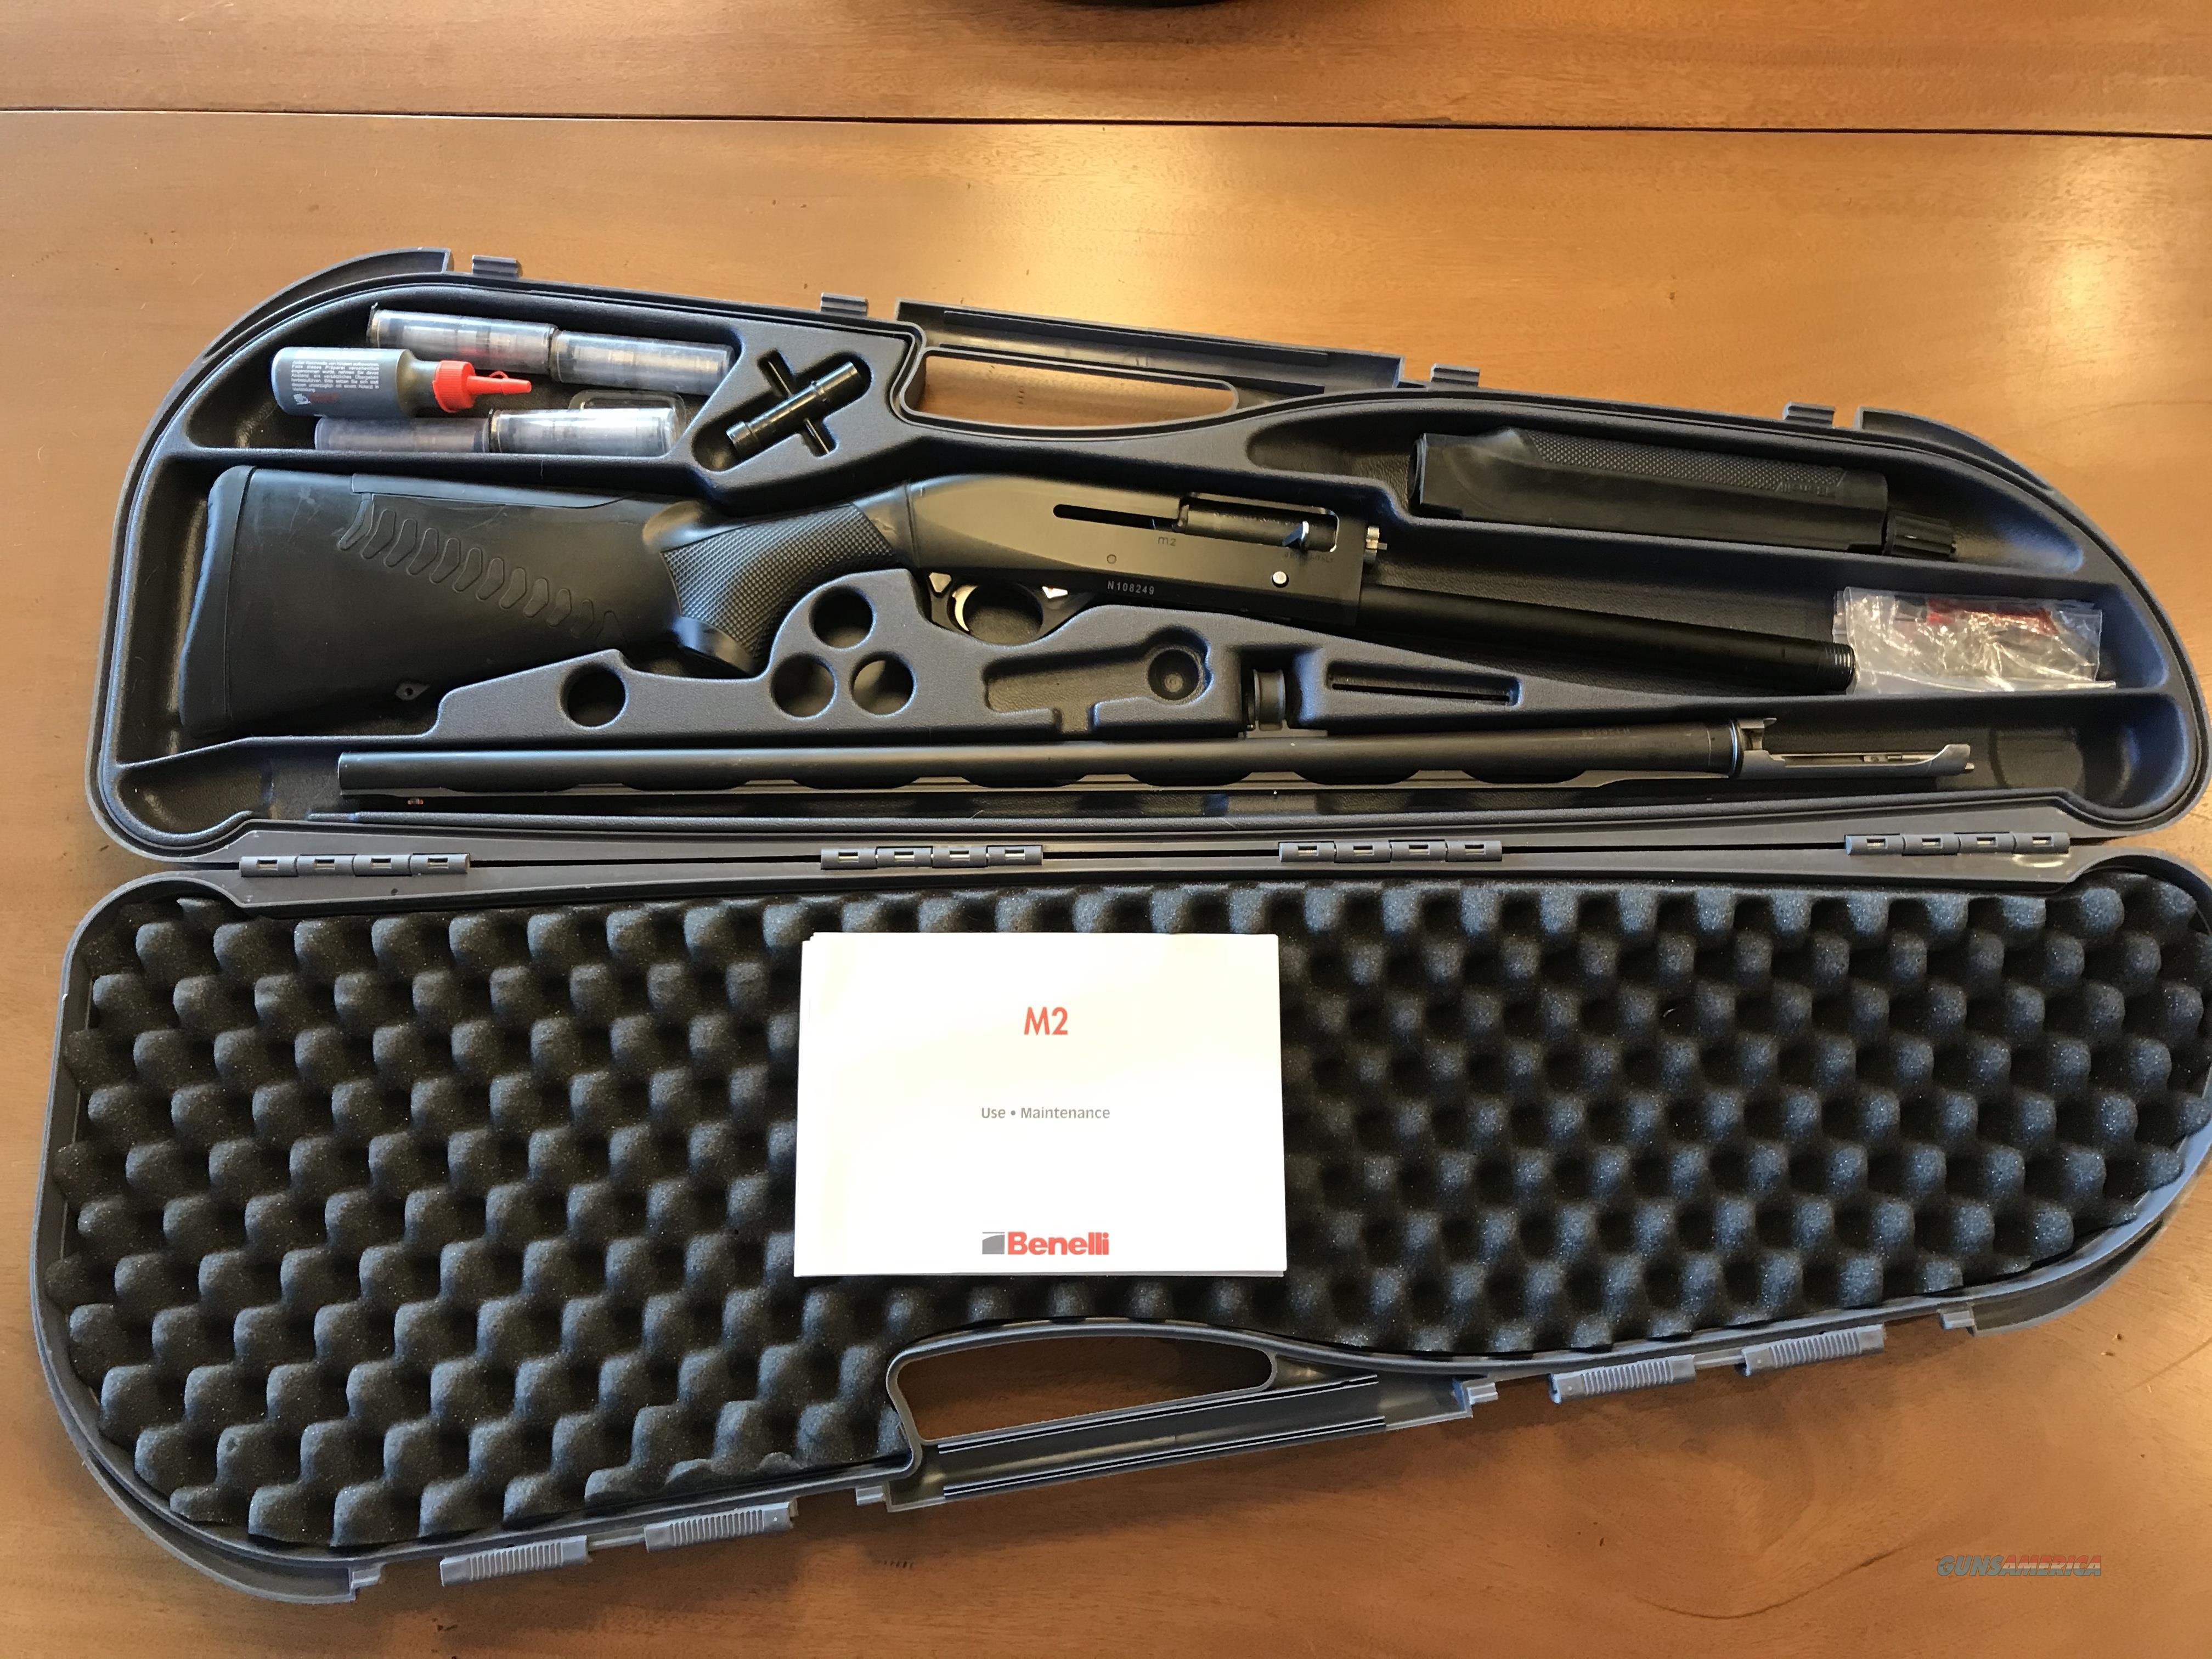 Benelli M2  Guns > Shotguns > Benelli Shotguns > Sporting